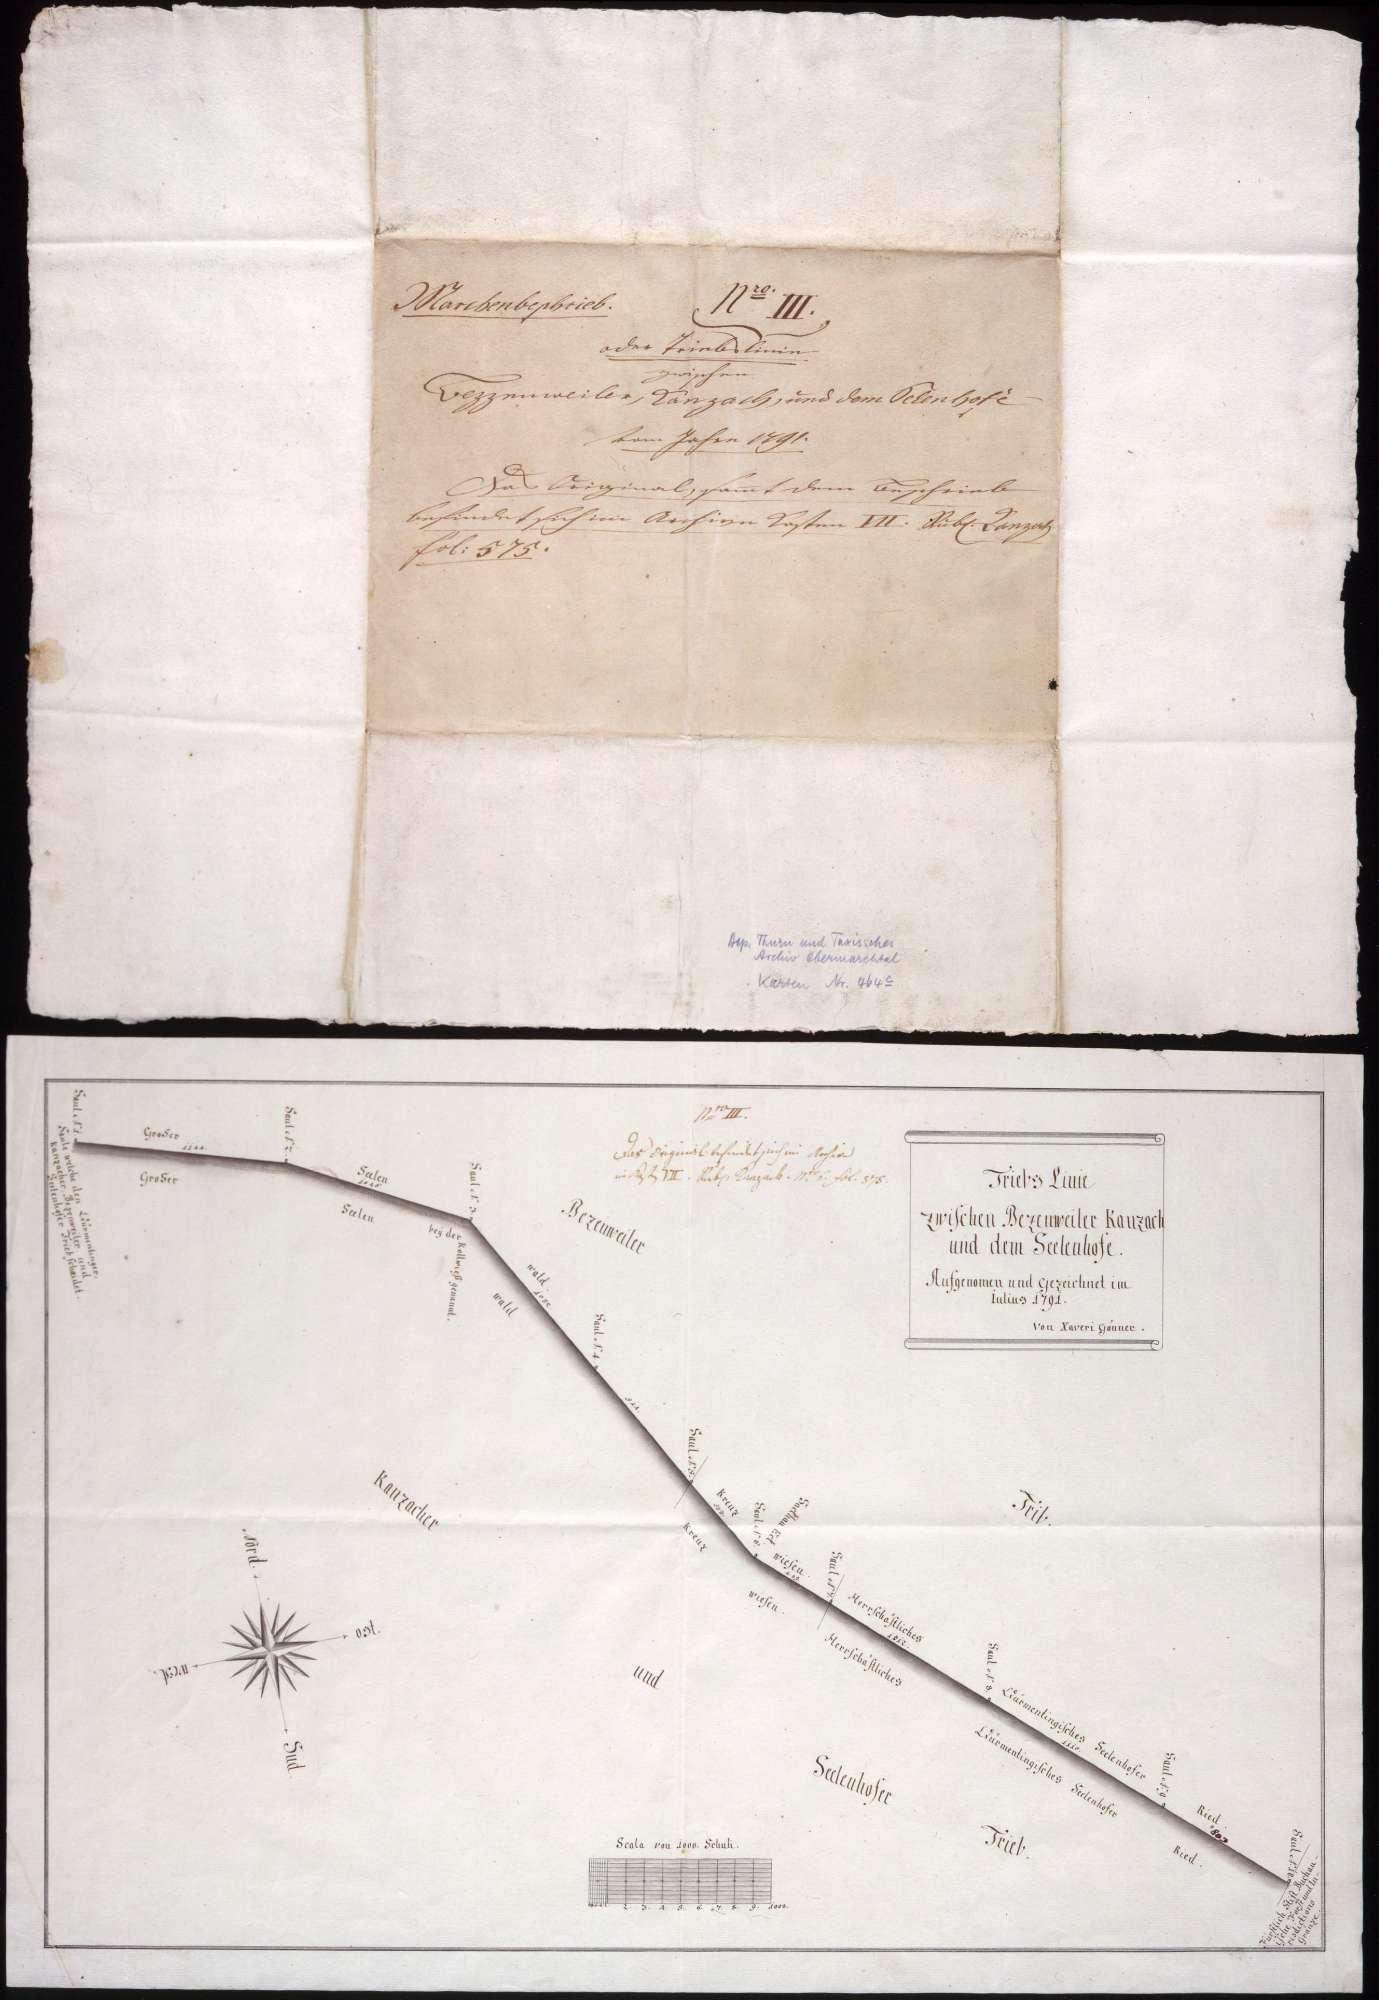 Trieblinie zwischen Betzenweiler, Kanzach und dem Seelenhof Maßstab ca. 1 : 3500 Zeichner: Xaver Gönner handgez., Bild 1